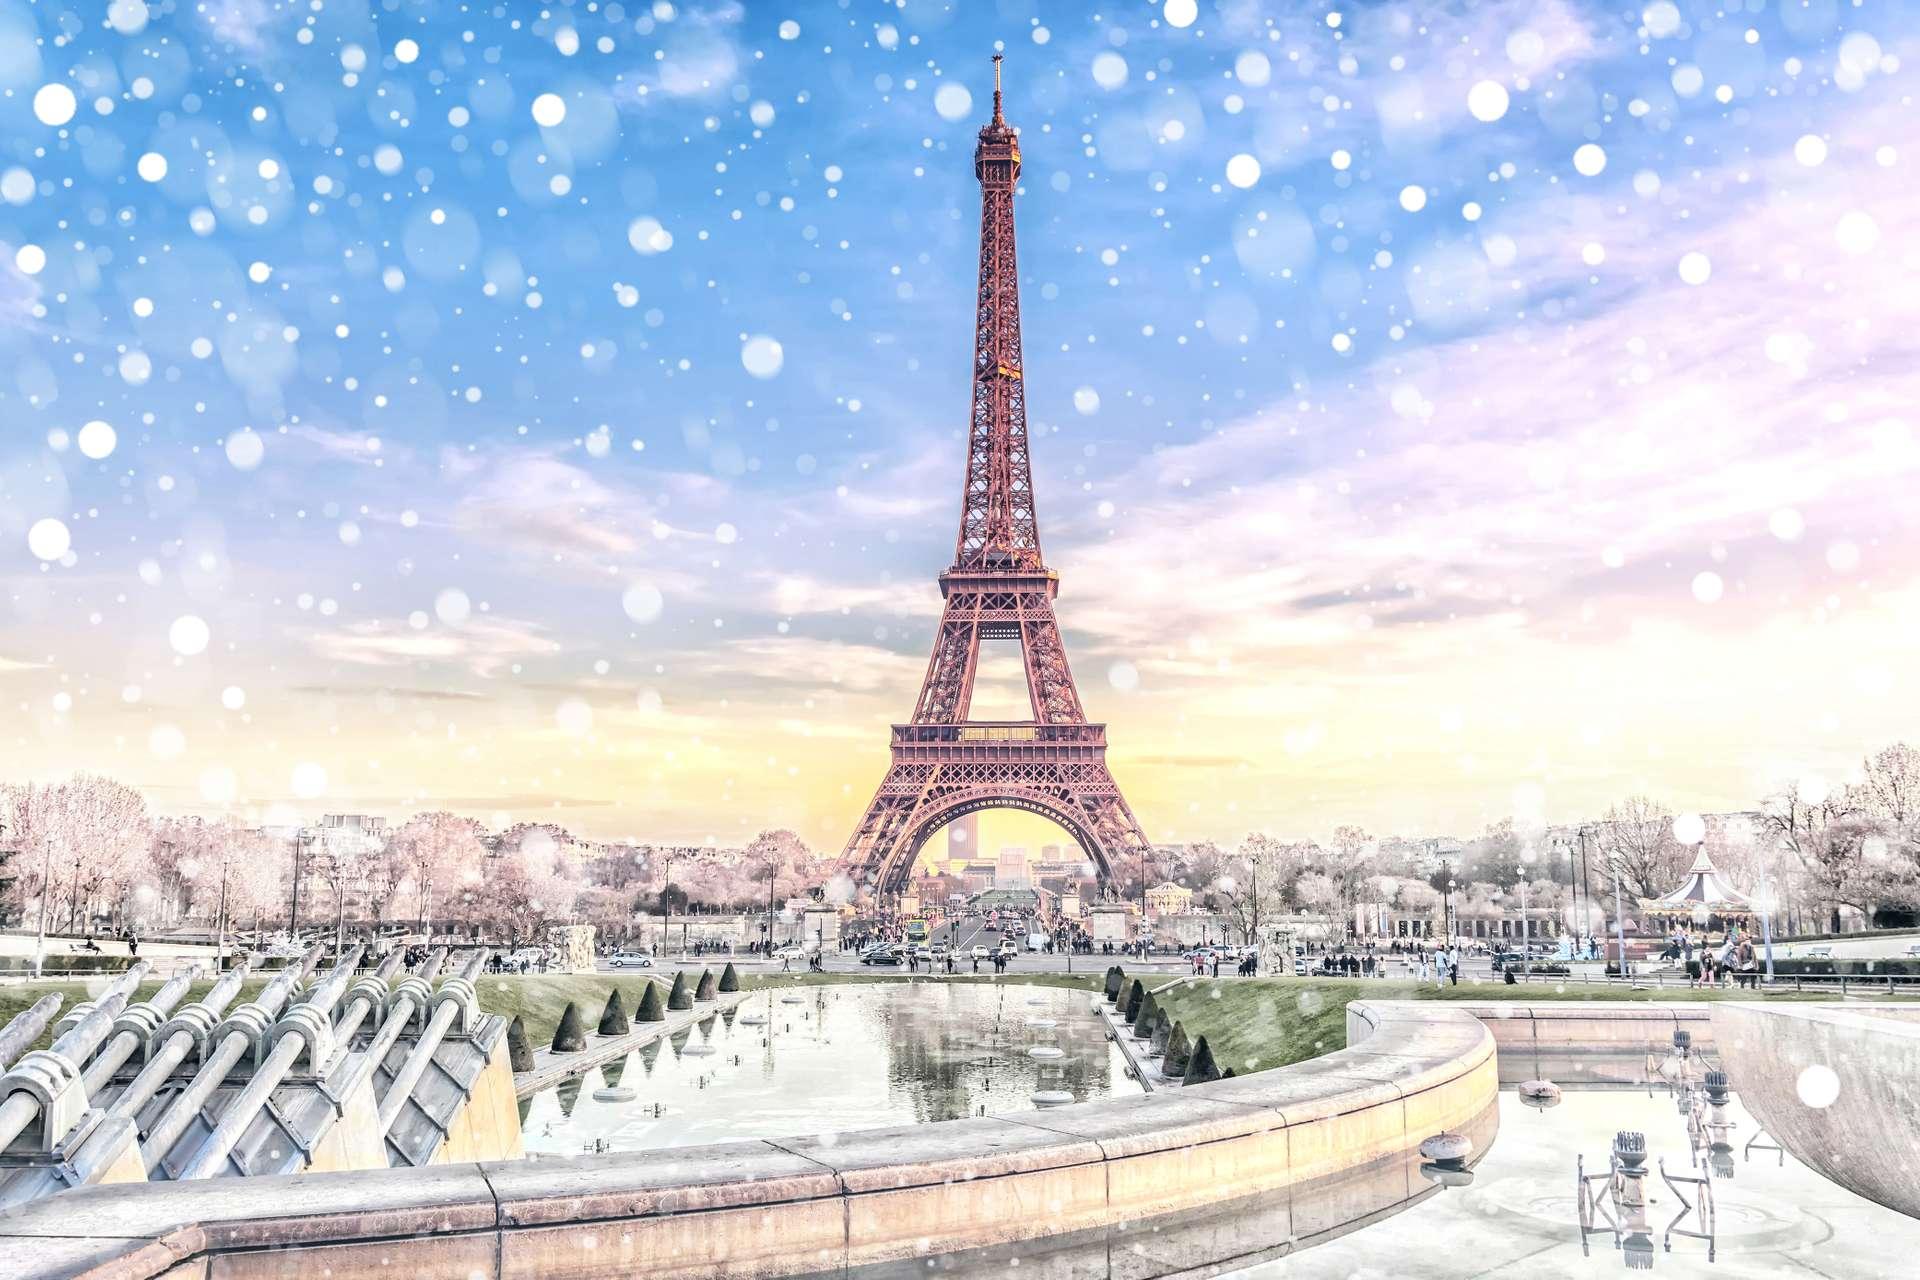 Frankrijk Parijs in de winter met sneeuw